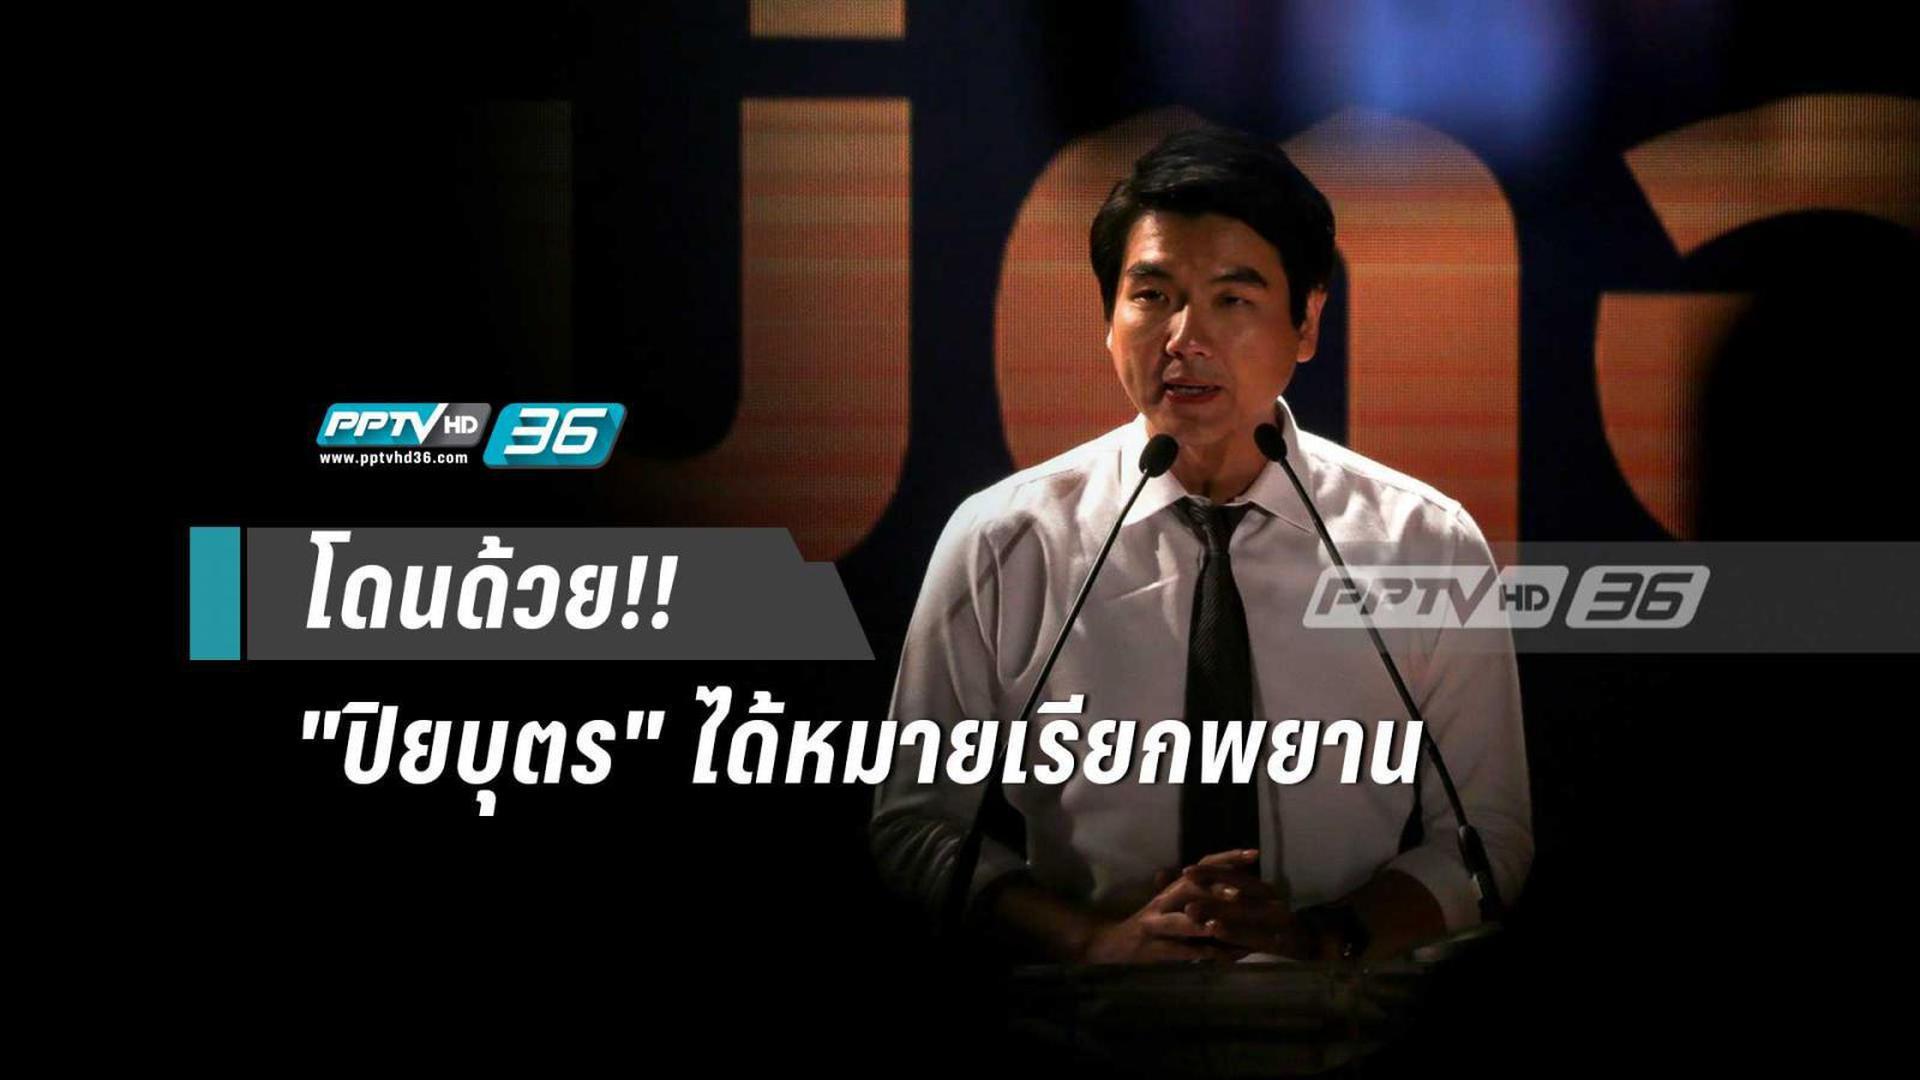 """""""ปิยบุตร"""" โดนด้วย ได้หมายเรียกพยาน ปมแถลงคดียุบพรรคไทยรักษาชาติ"""